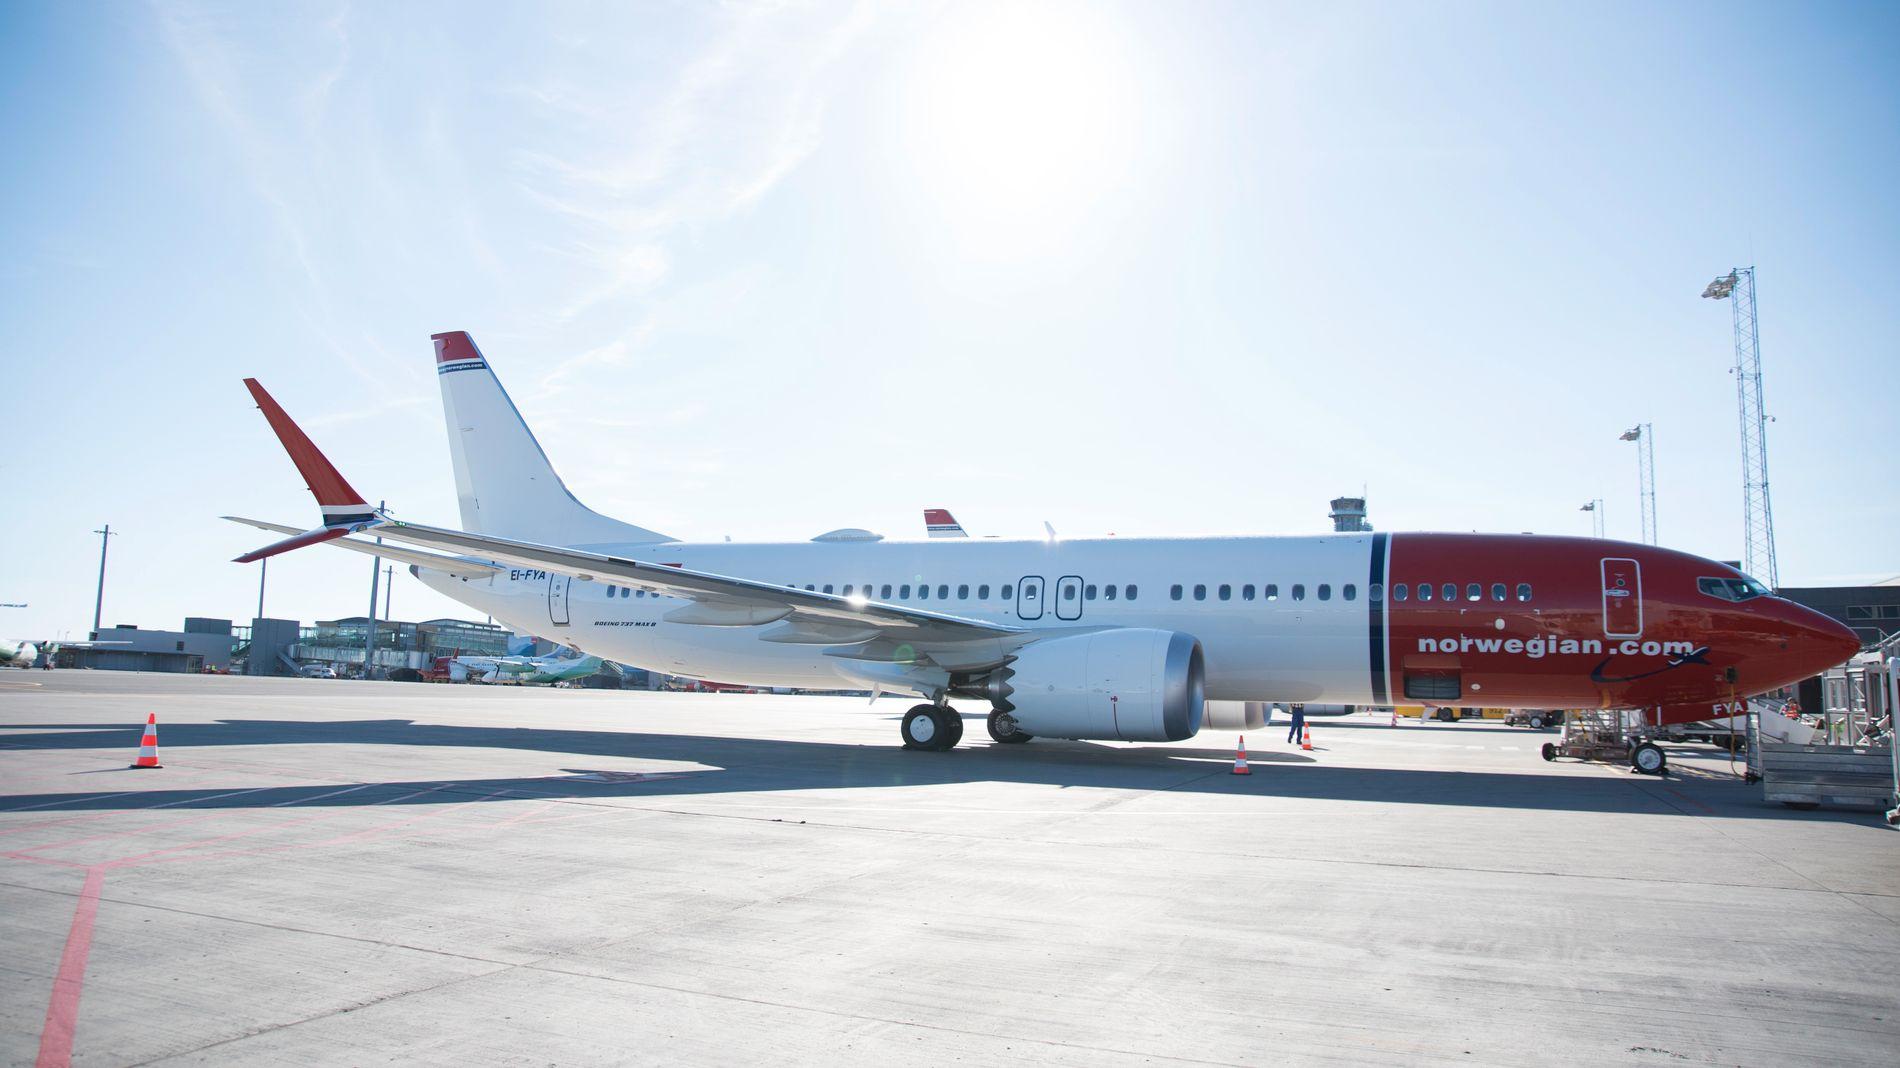 FORTSATT PÅ BAKKEN: Norwegian har i sommer leid inn 15 ekstrafly for å dekke inn for de 18 Boeing 737Max-flyene til selskapet som står på bakken.